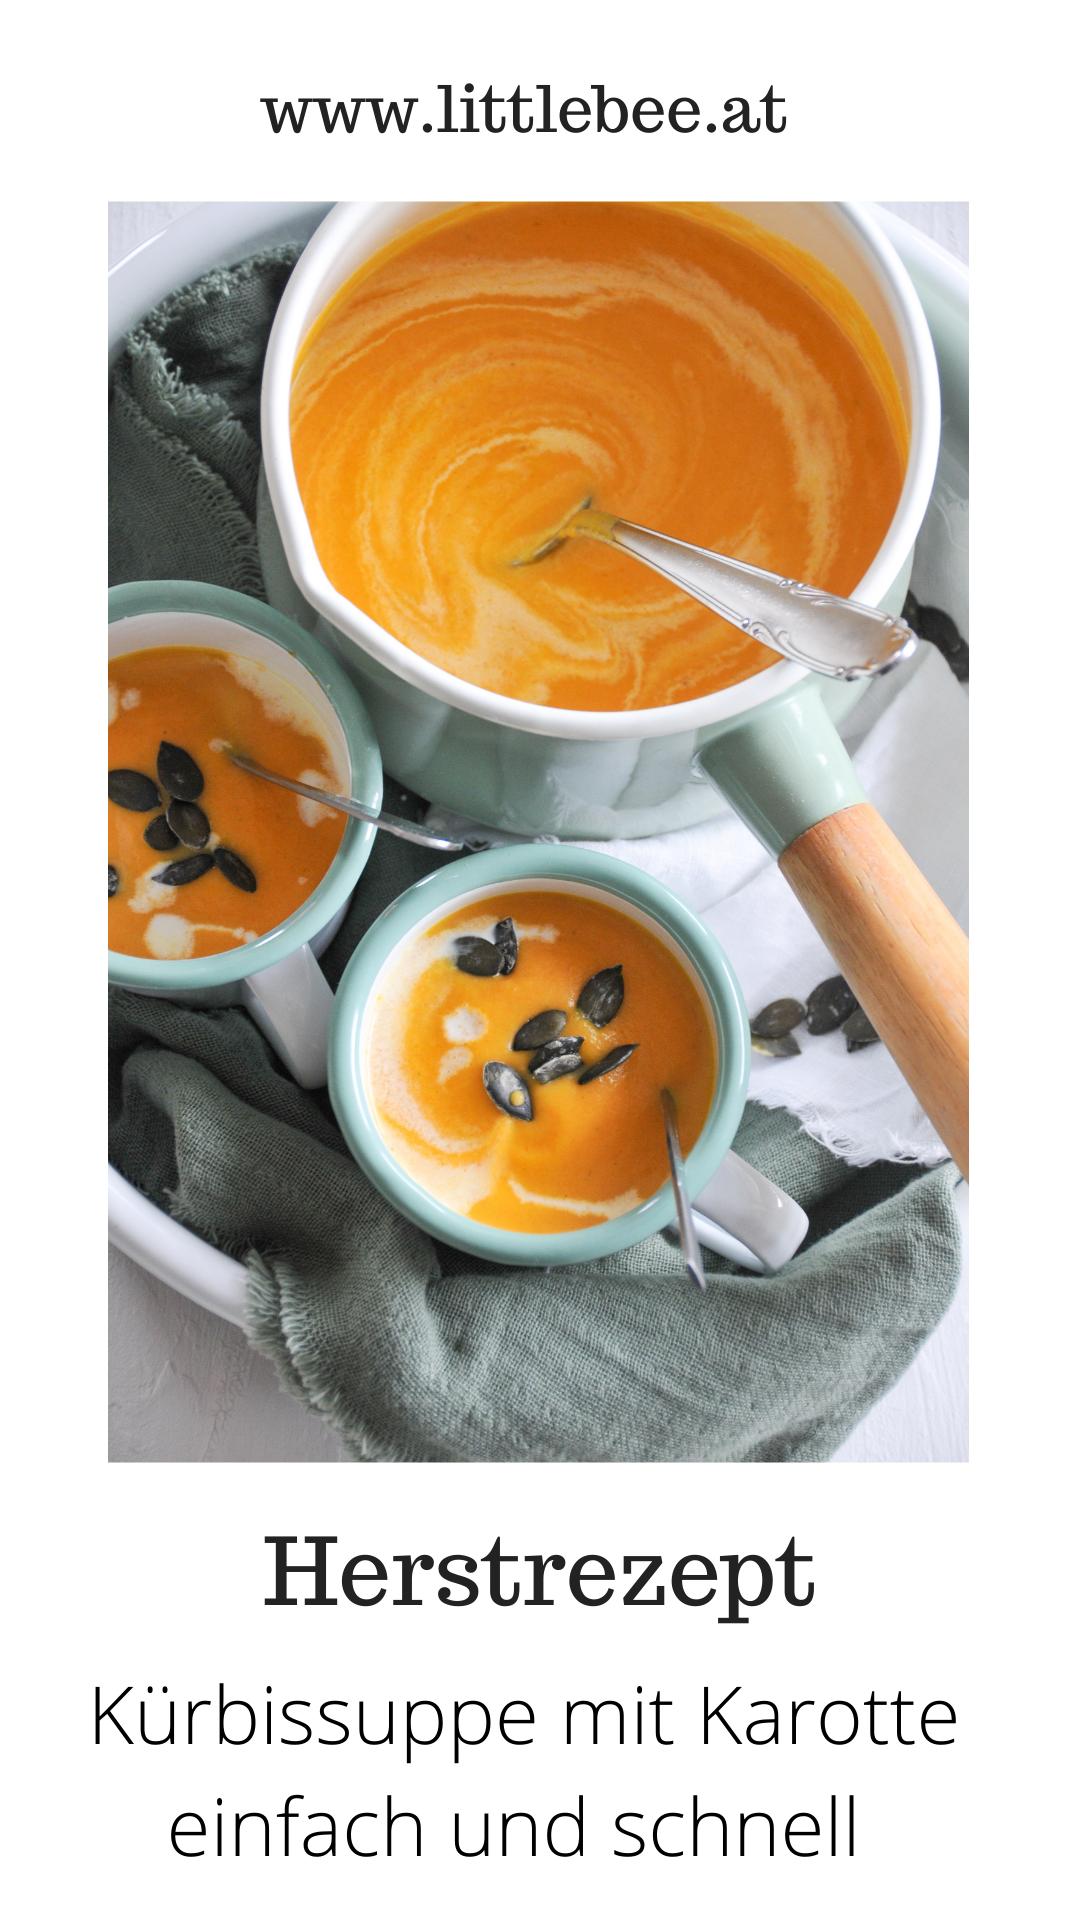 Kürbissuppe mit Karotten   wohlige Wärme von Innen